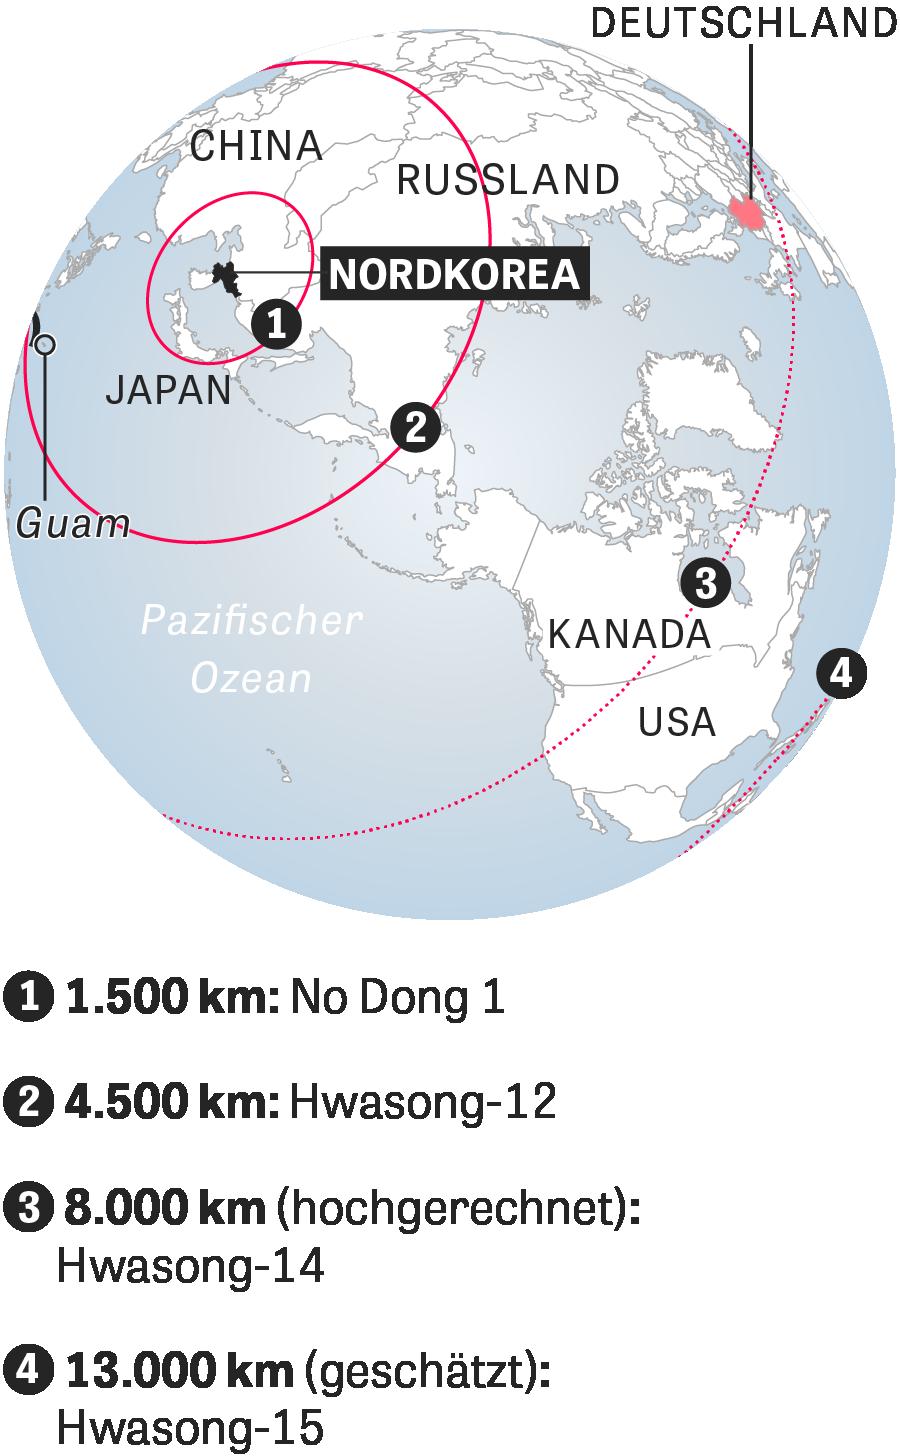 Nordkorea: Theoretische Reichweiten nordkoreanischer Raketensysteme, geschätzt und hochgerechnet